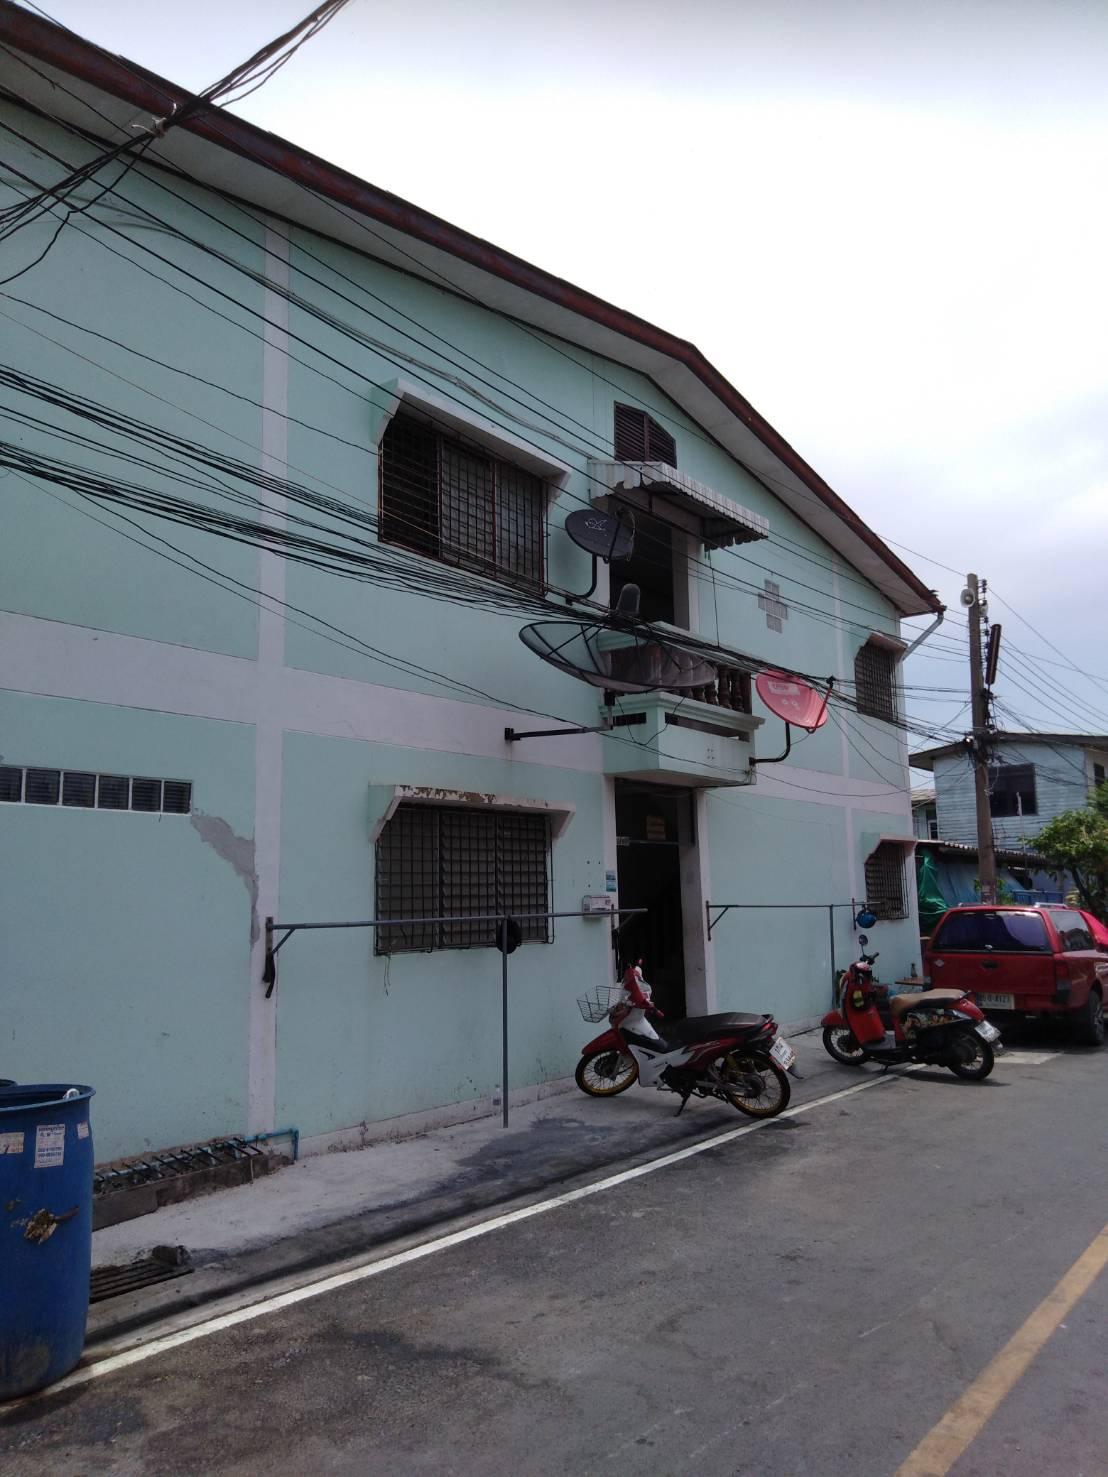 ภาพขายอพาร์ทเม้นท์ ผู้เช่าเต็ม เจ้าของขายเอง เมืองสมุทรปราการ